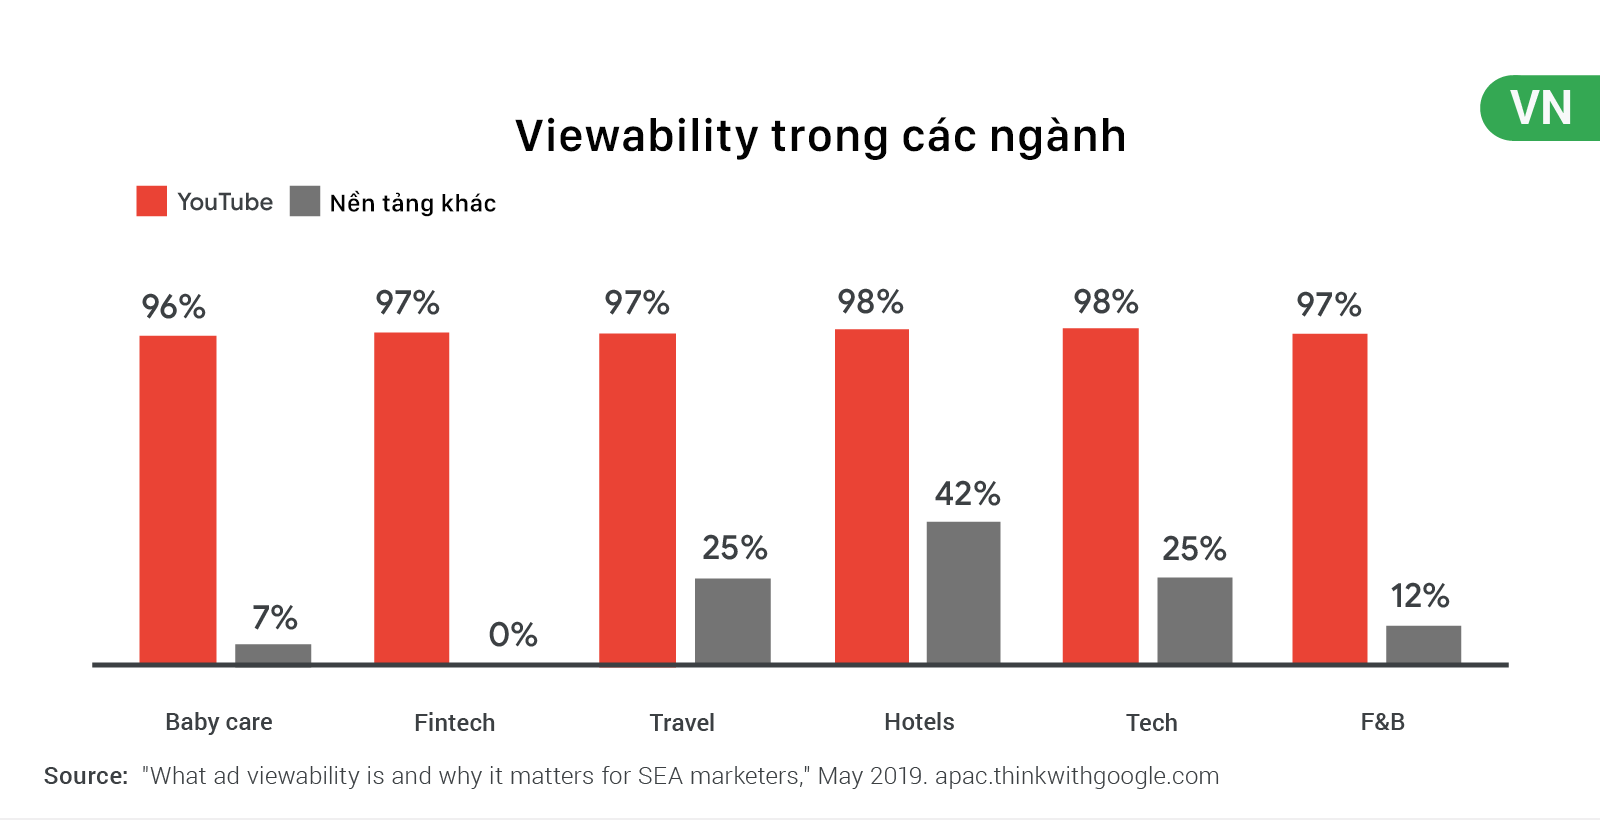 viewability trong các ngành tại VN